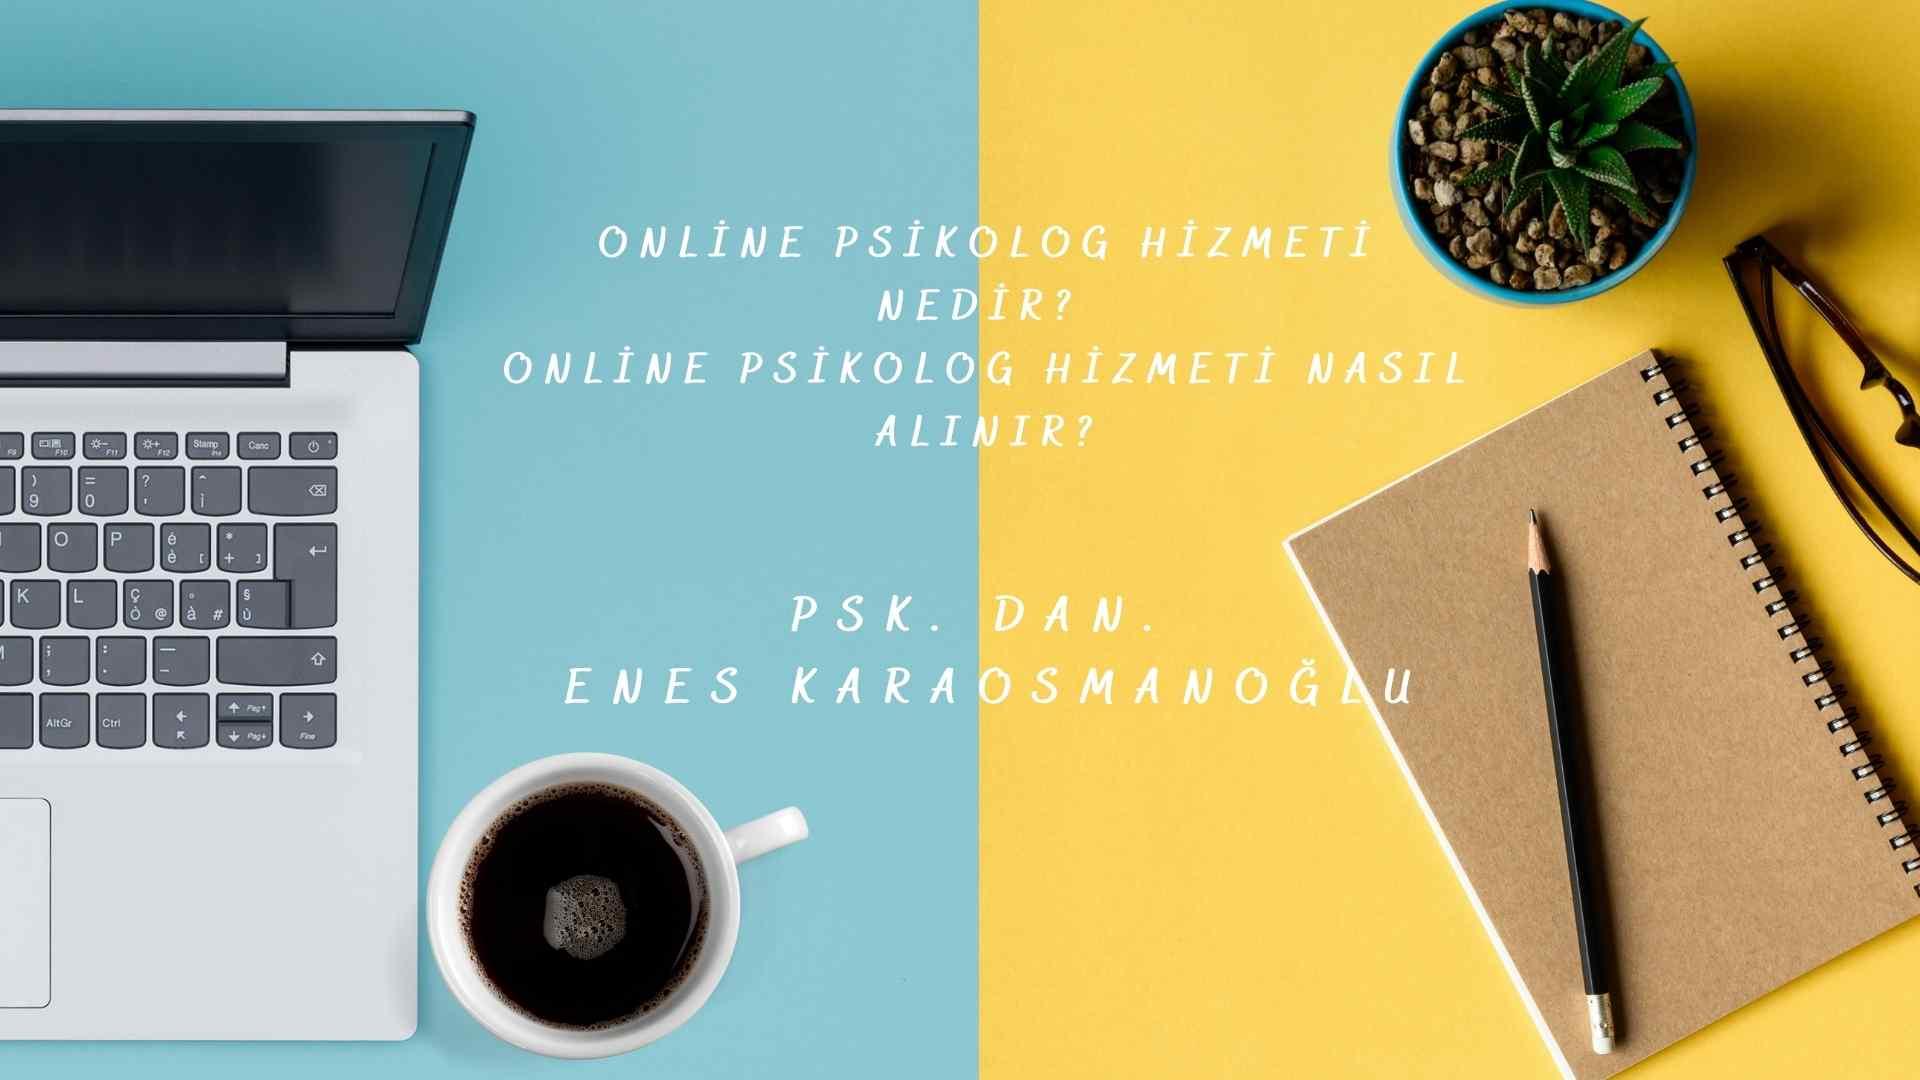 Online Psikolog Hizmeti Nedir? Online Psikolog Hizmeti Nasıl Alınır?